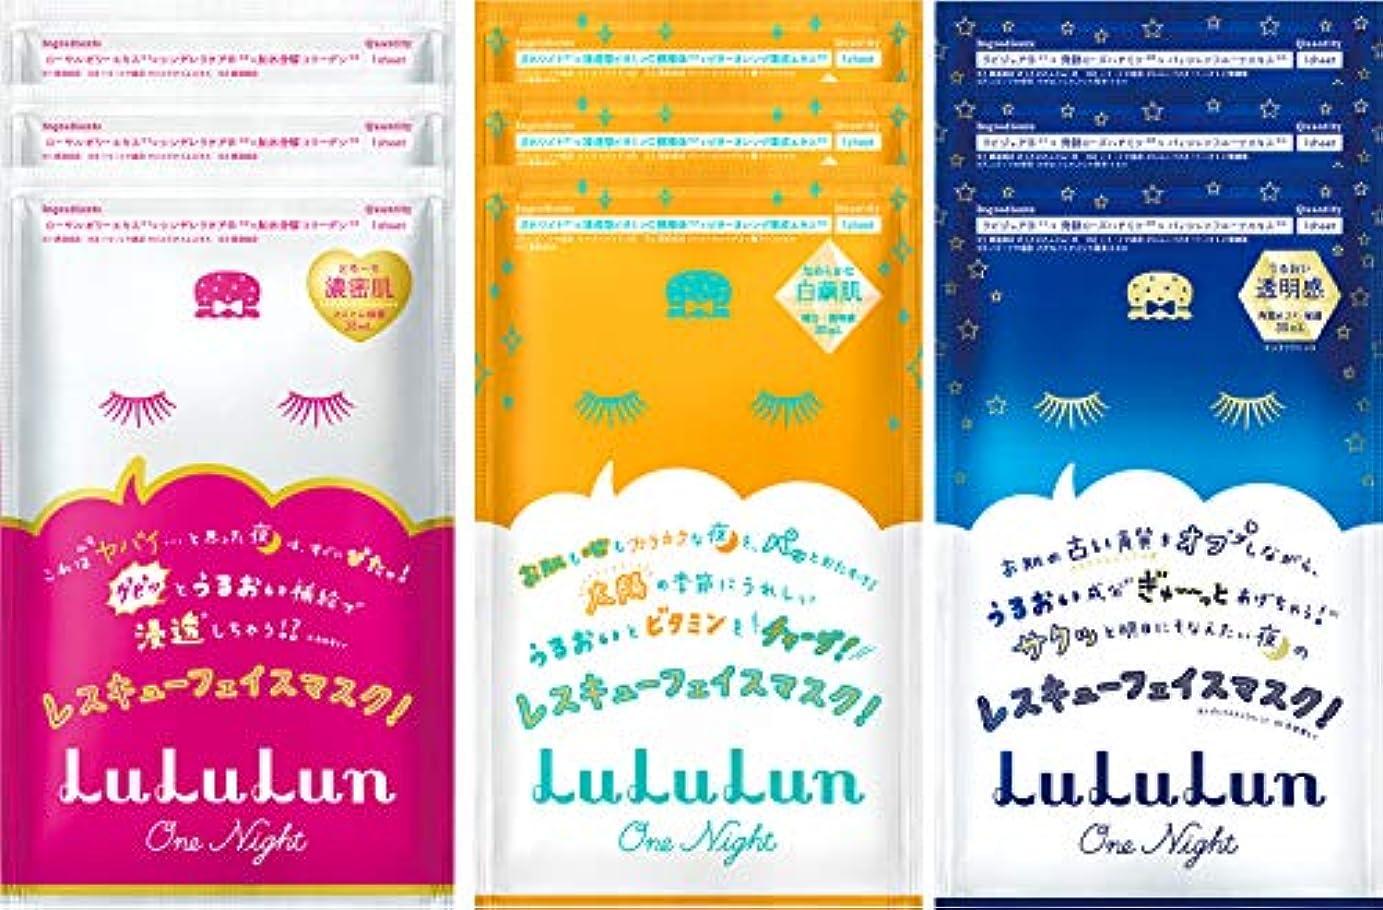 落ち着いてクラフトボンド【Amazon限定】フェイスマスク ルルルン ワンナイトレスキュー 保湿 角質 ビタミン 各3枚3種9枚セット